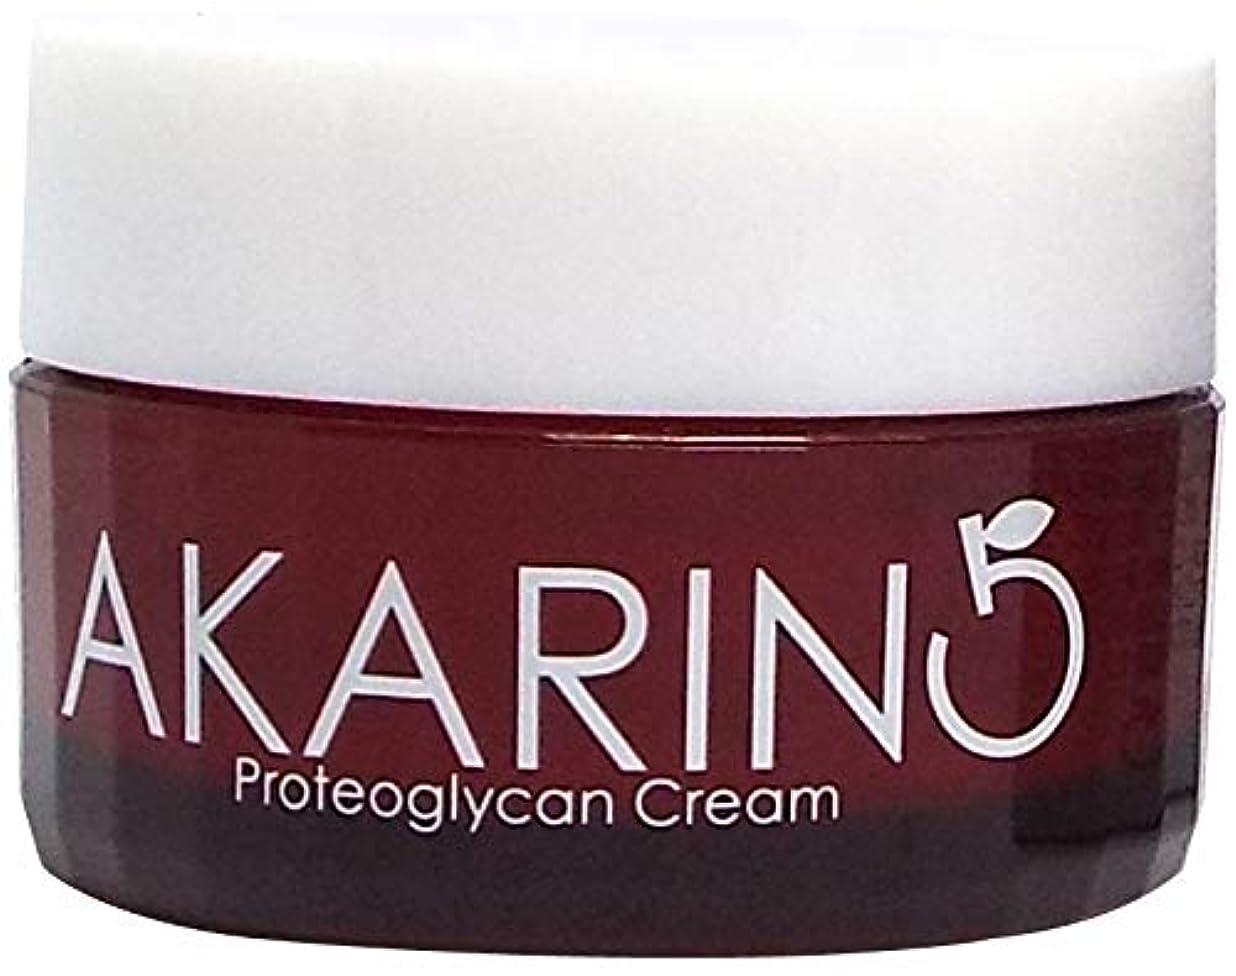 口述家庭定期的にプロテオグリカン配合フェイスクリーム 30g AKARIN5